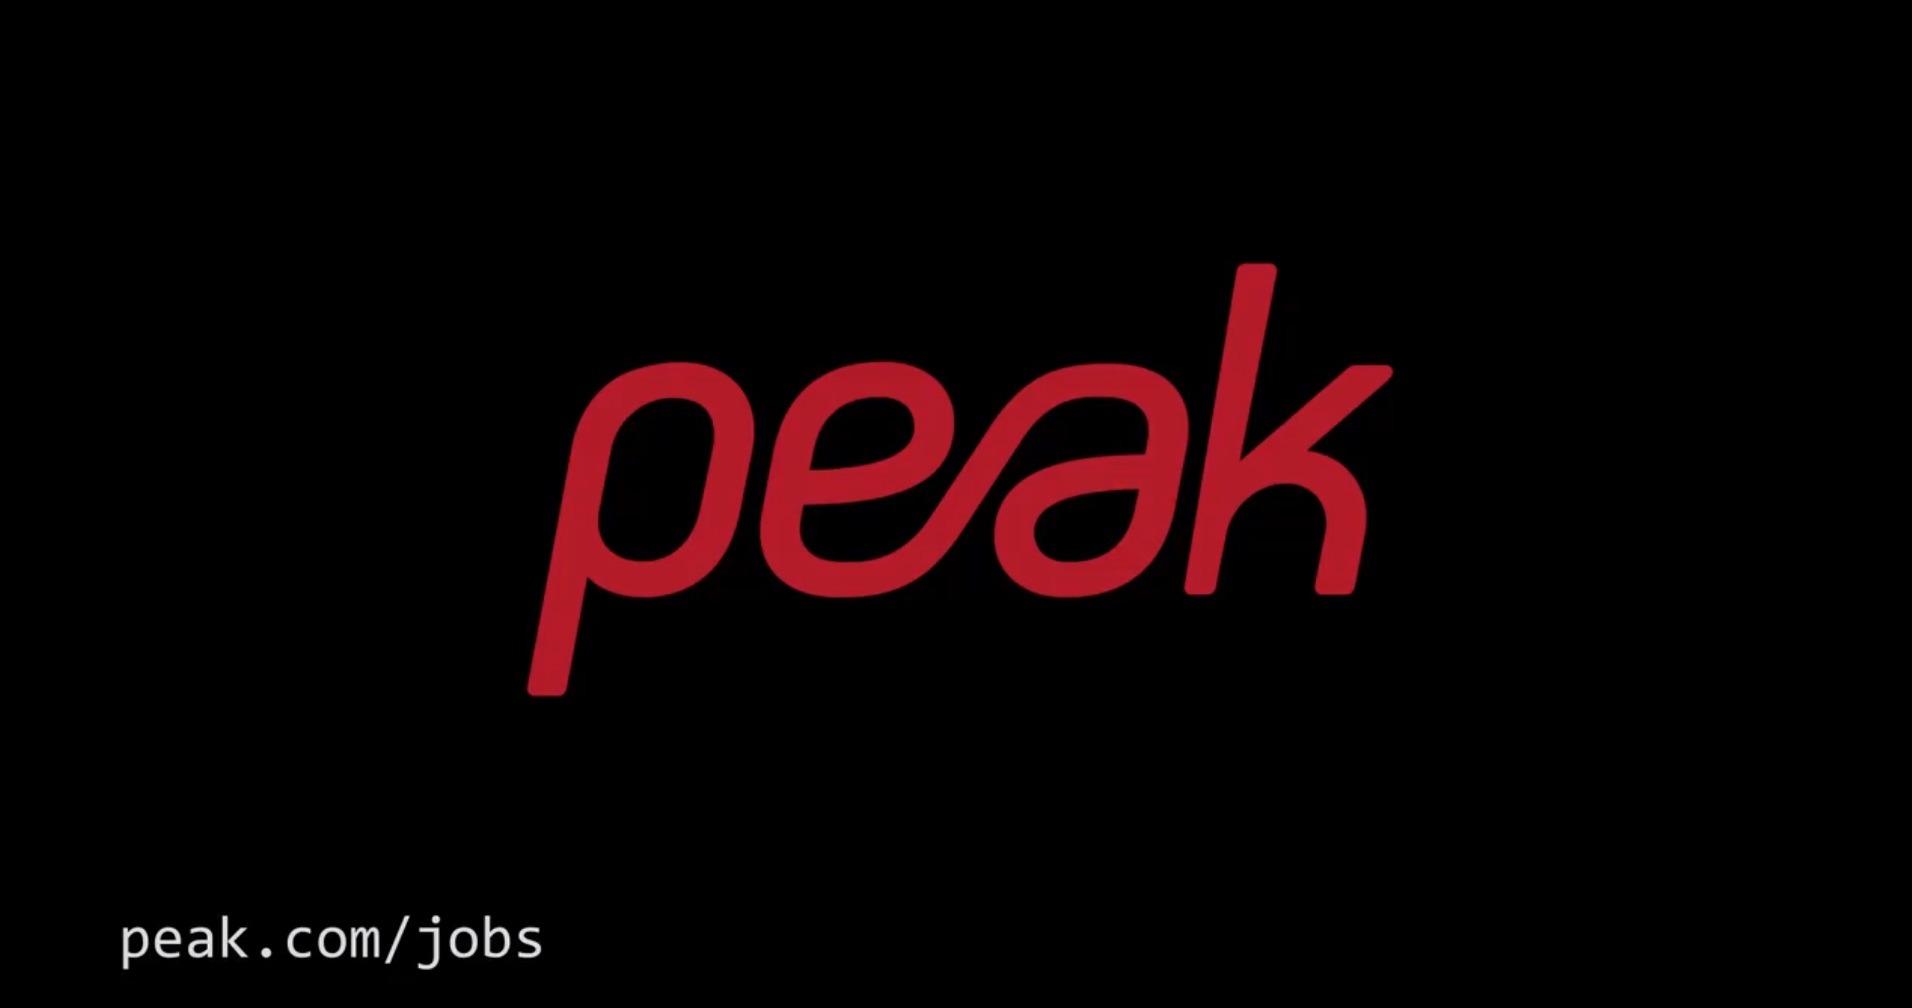 peak.com